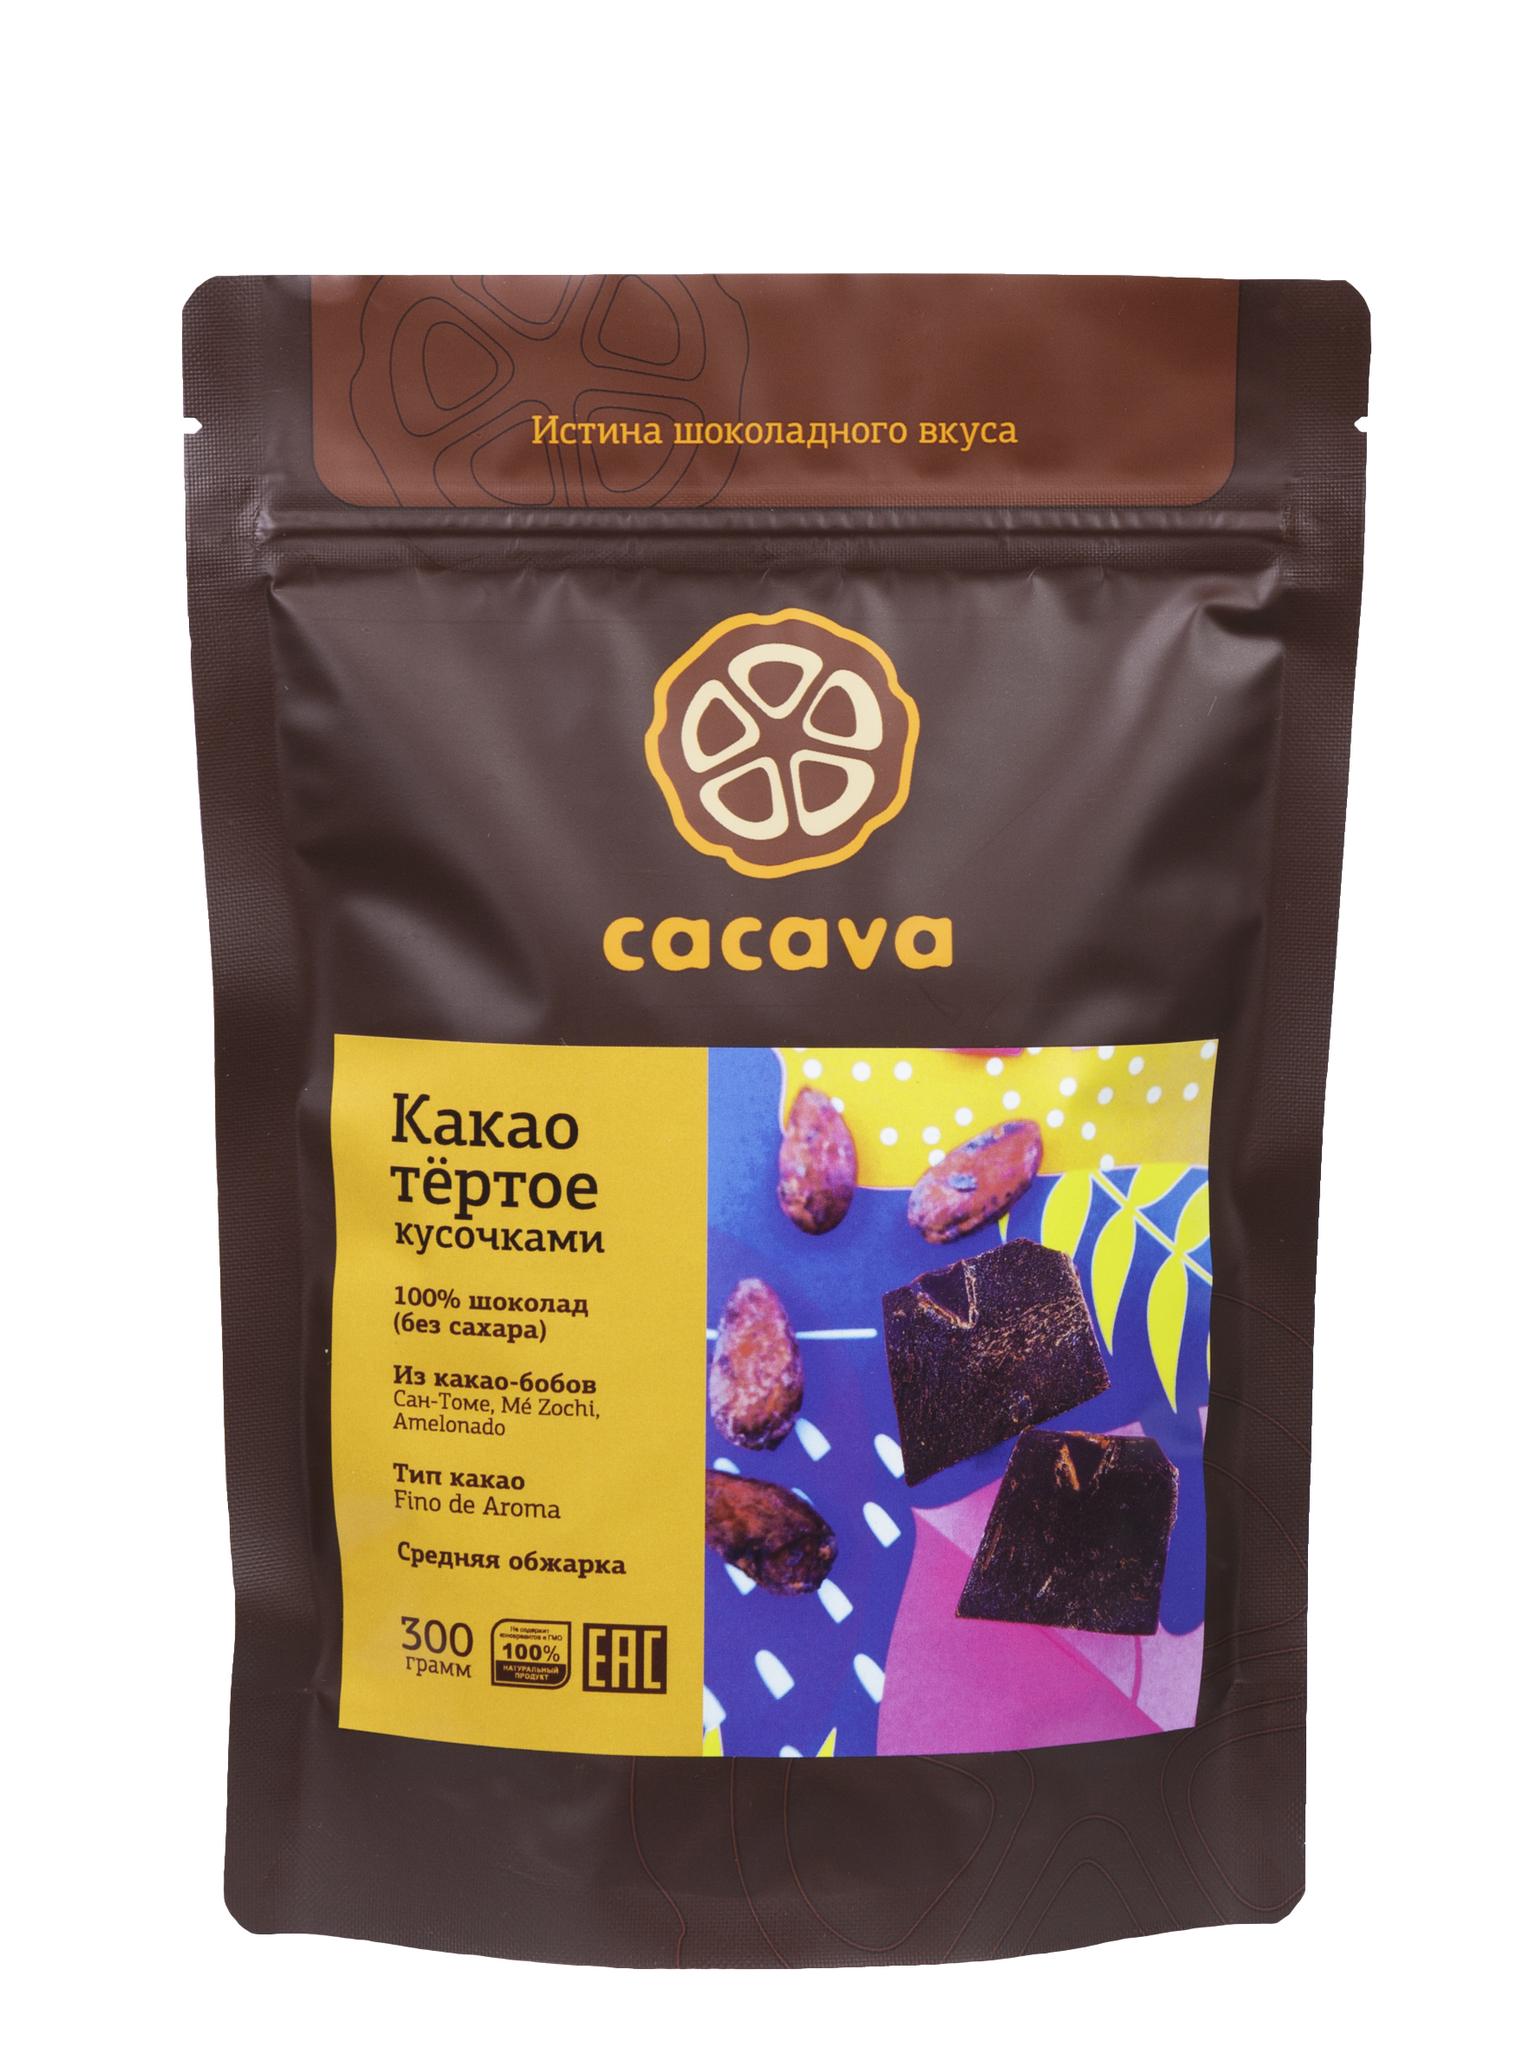 Какао тёртое кусочками (Сан-Томе), упаковка 300 грамм